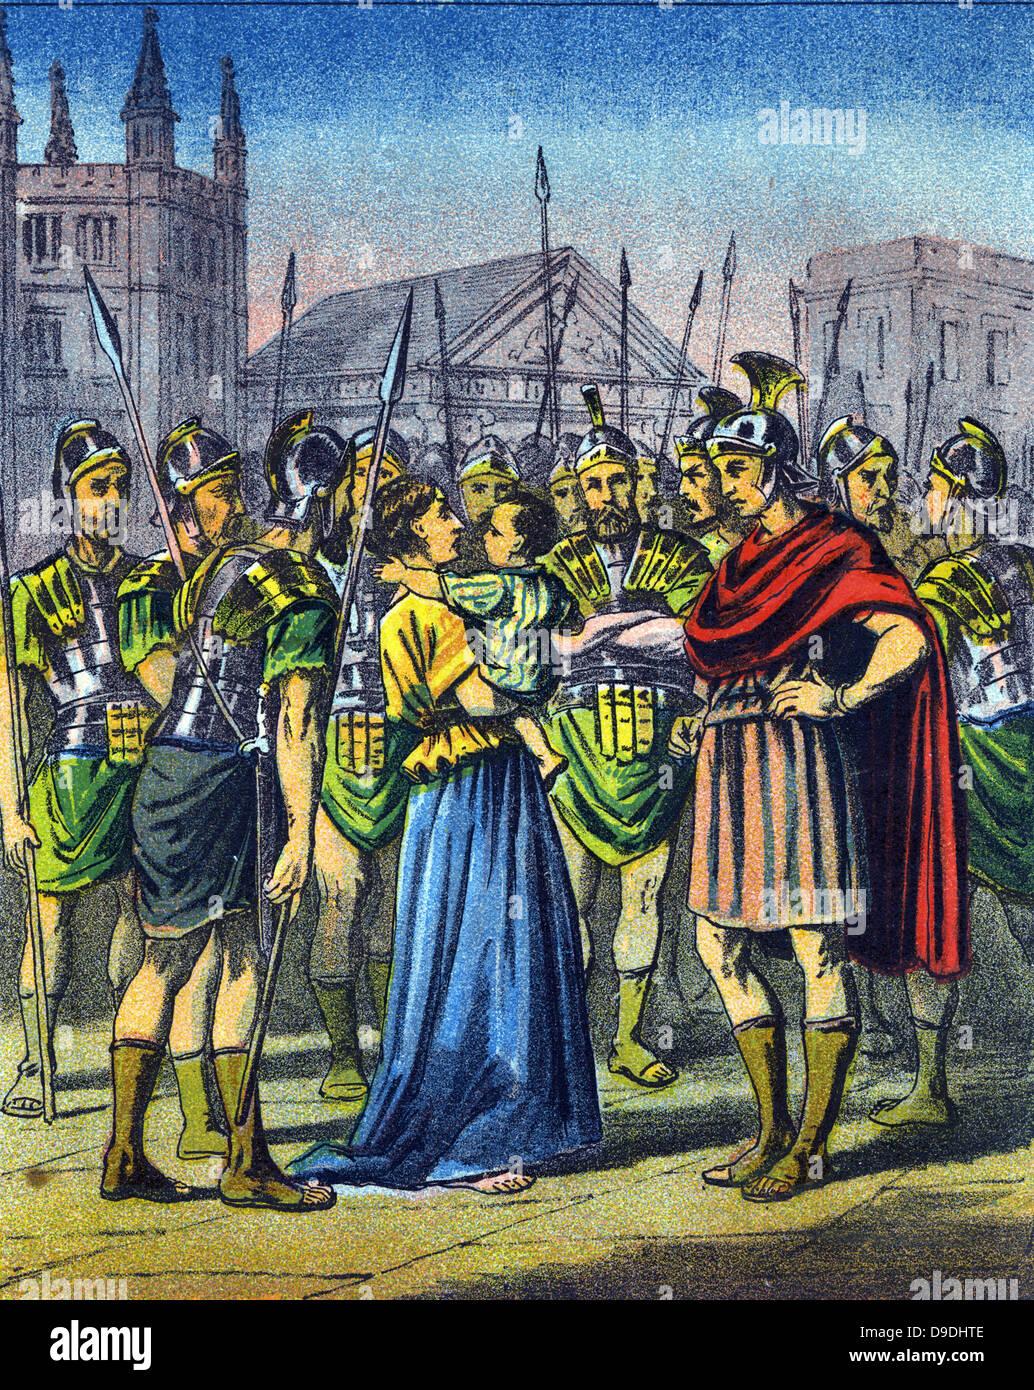 Le molestie e le persecuzioni dei cristiani nell'impero romano nel corso del IV secolo.. La seconda metà Immagini Stock